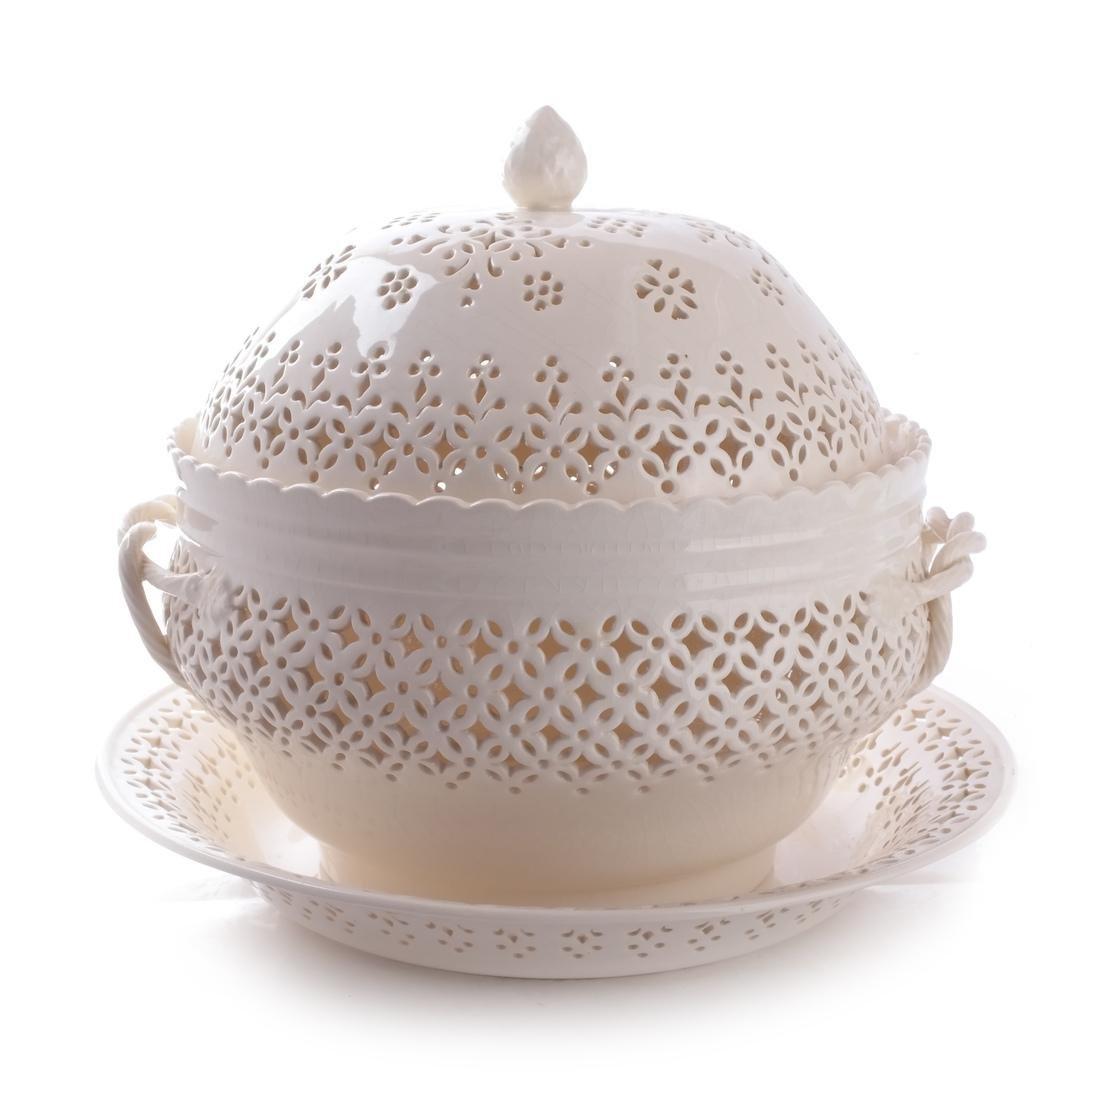 Leedsware, England: Porcelain Tureen & Underplate